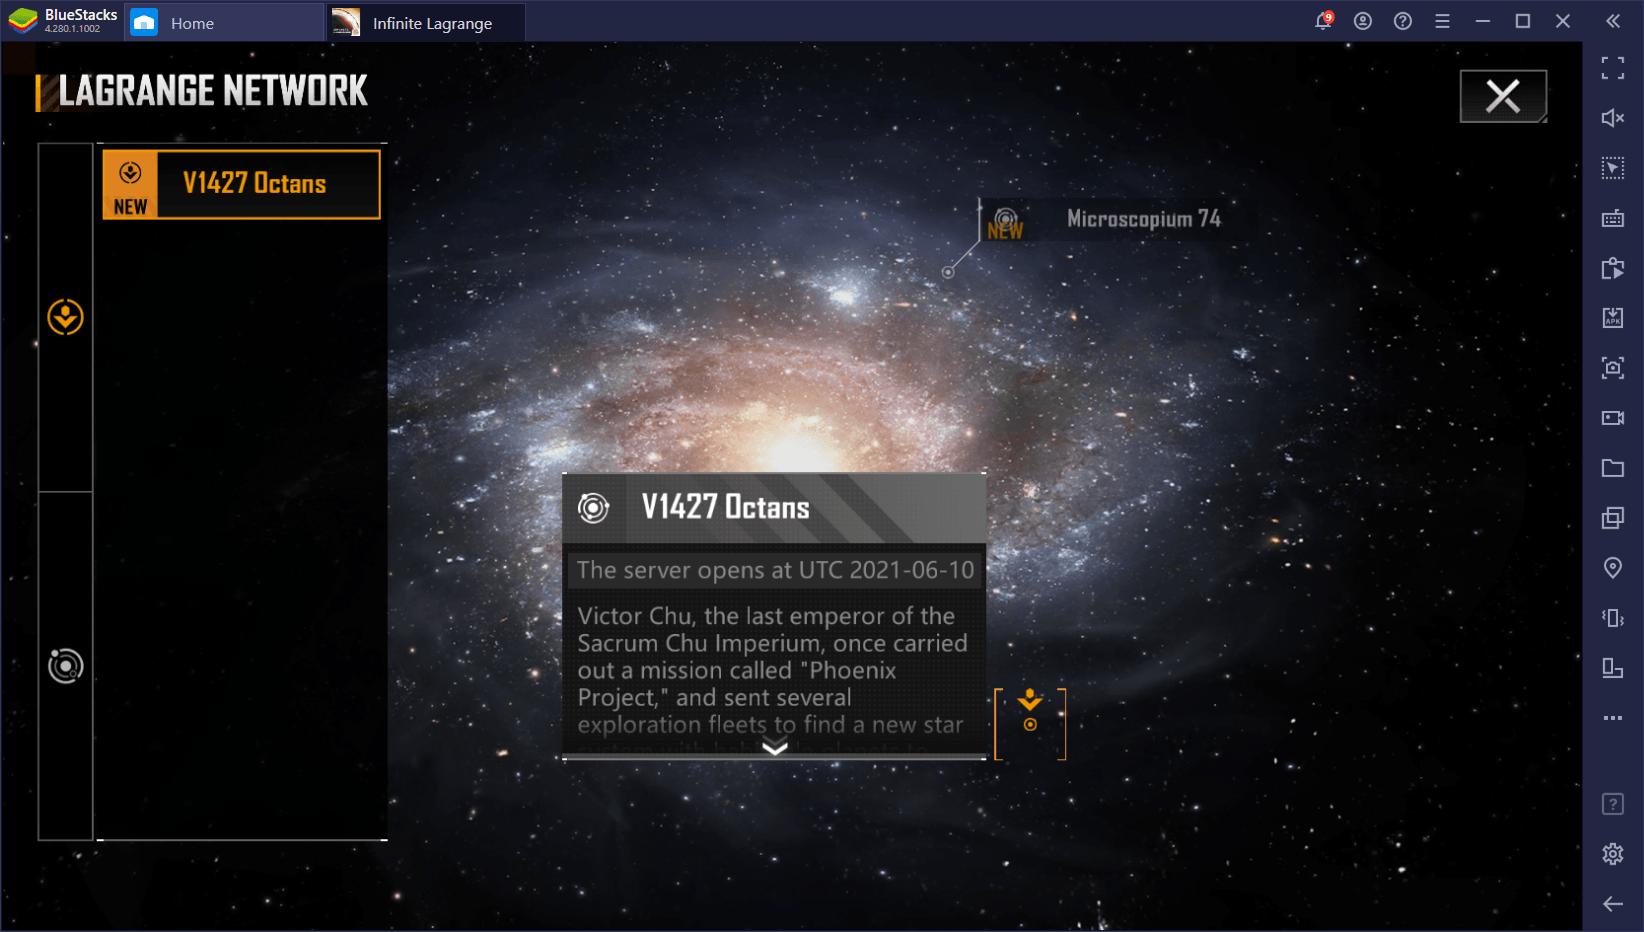 دليل المبتدئين للعبة Infinite Lagrange – أساسيات استعمار الفضاء واستكشافه